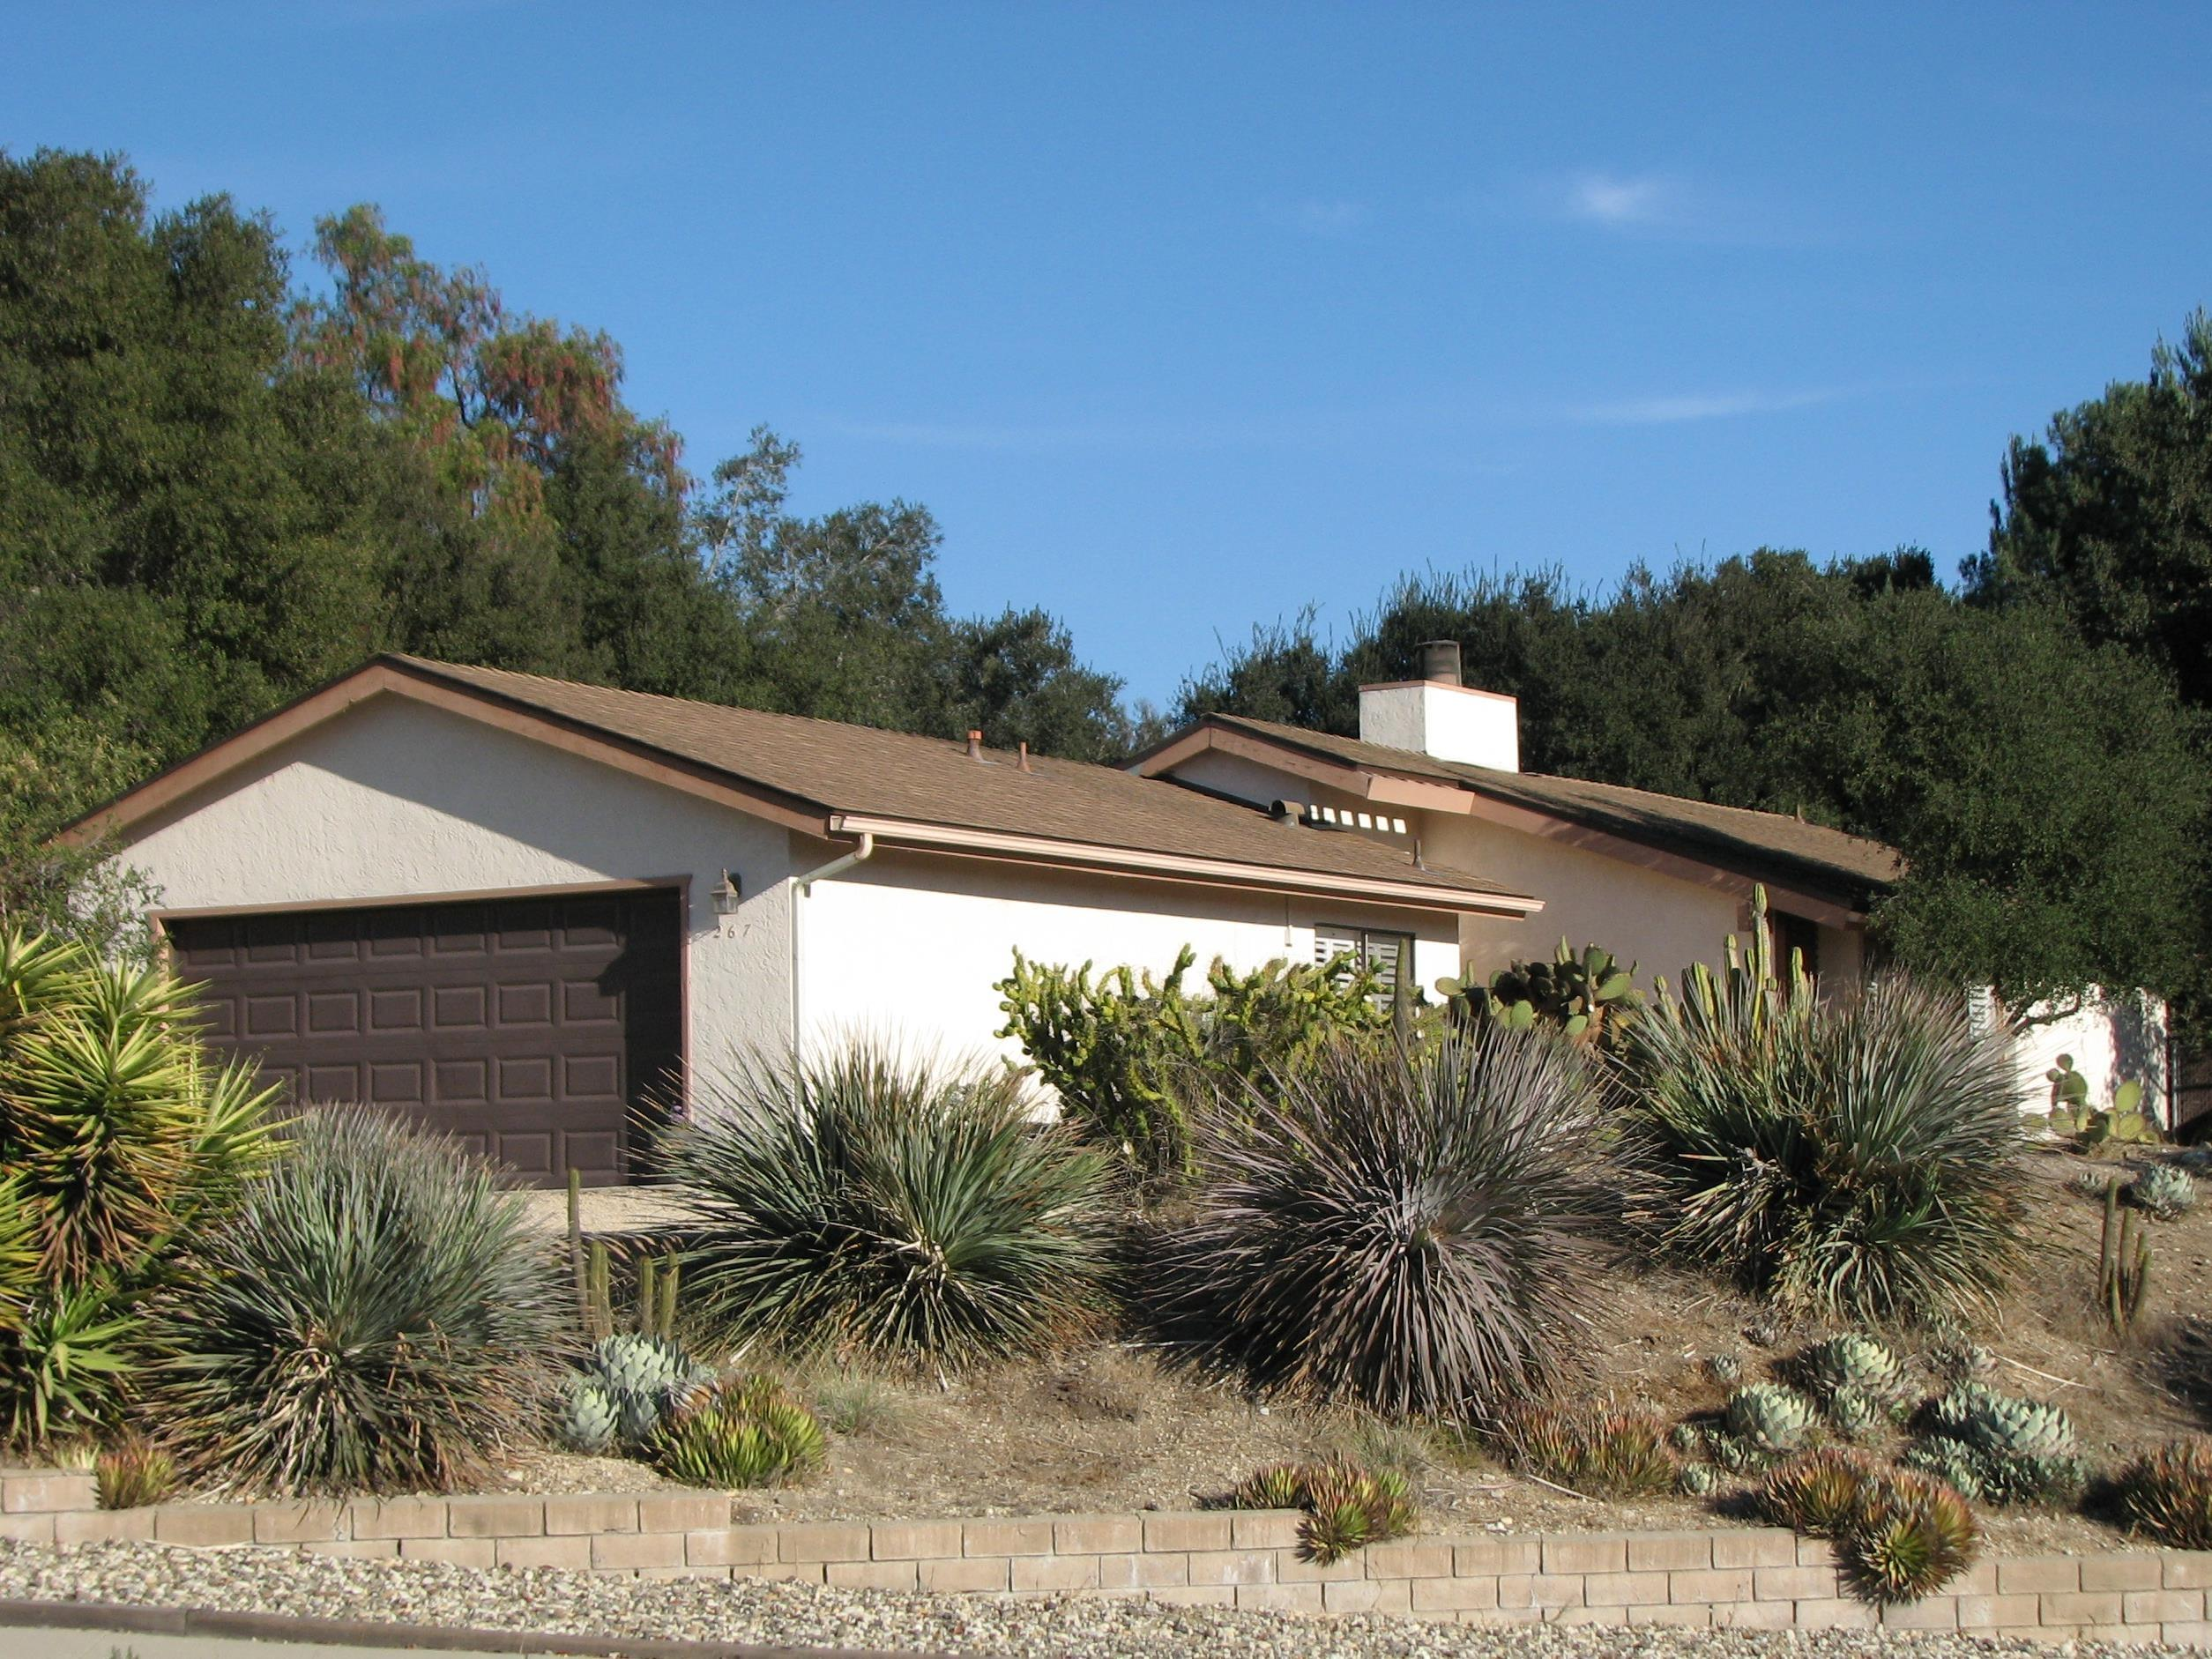 Property photo for 267 La Lata Dr Buellton, California 93427 - 14-318